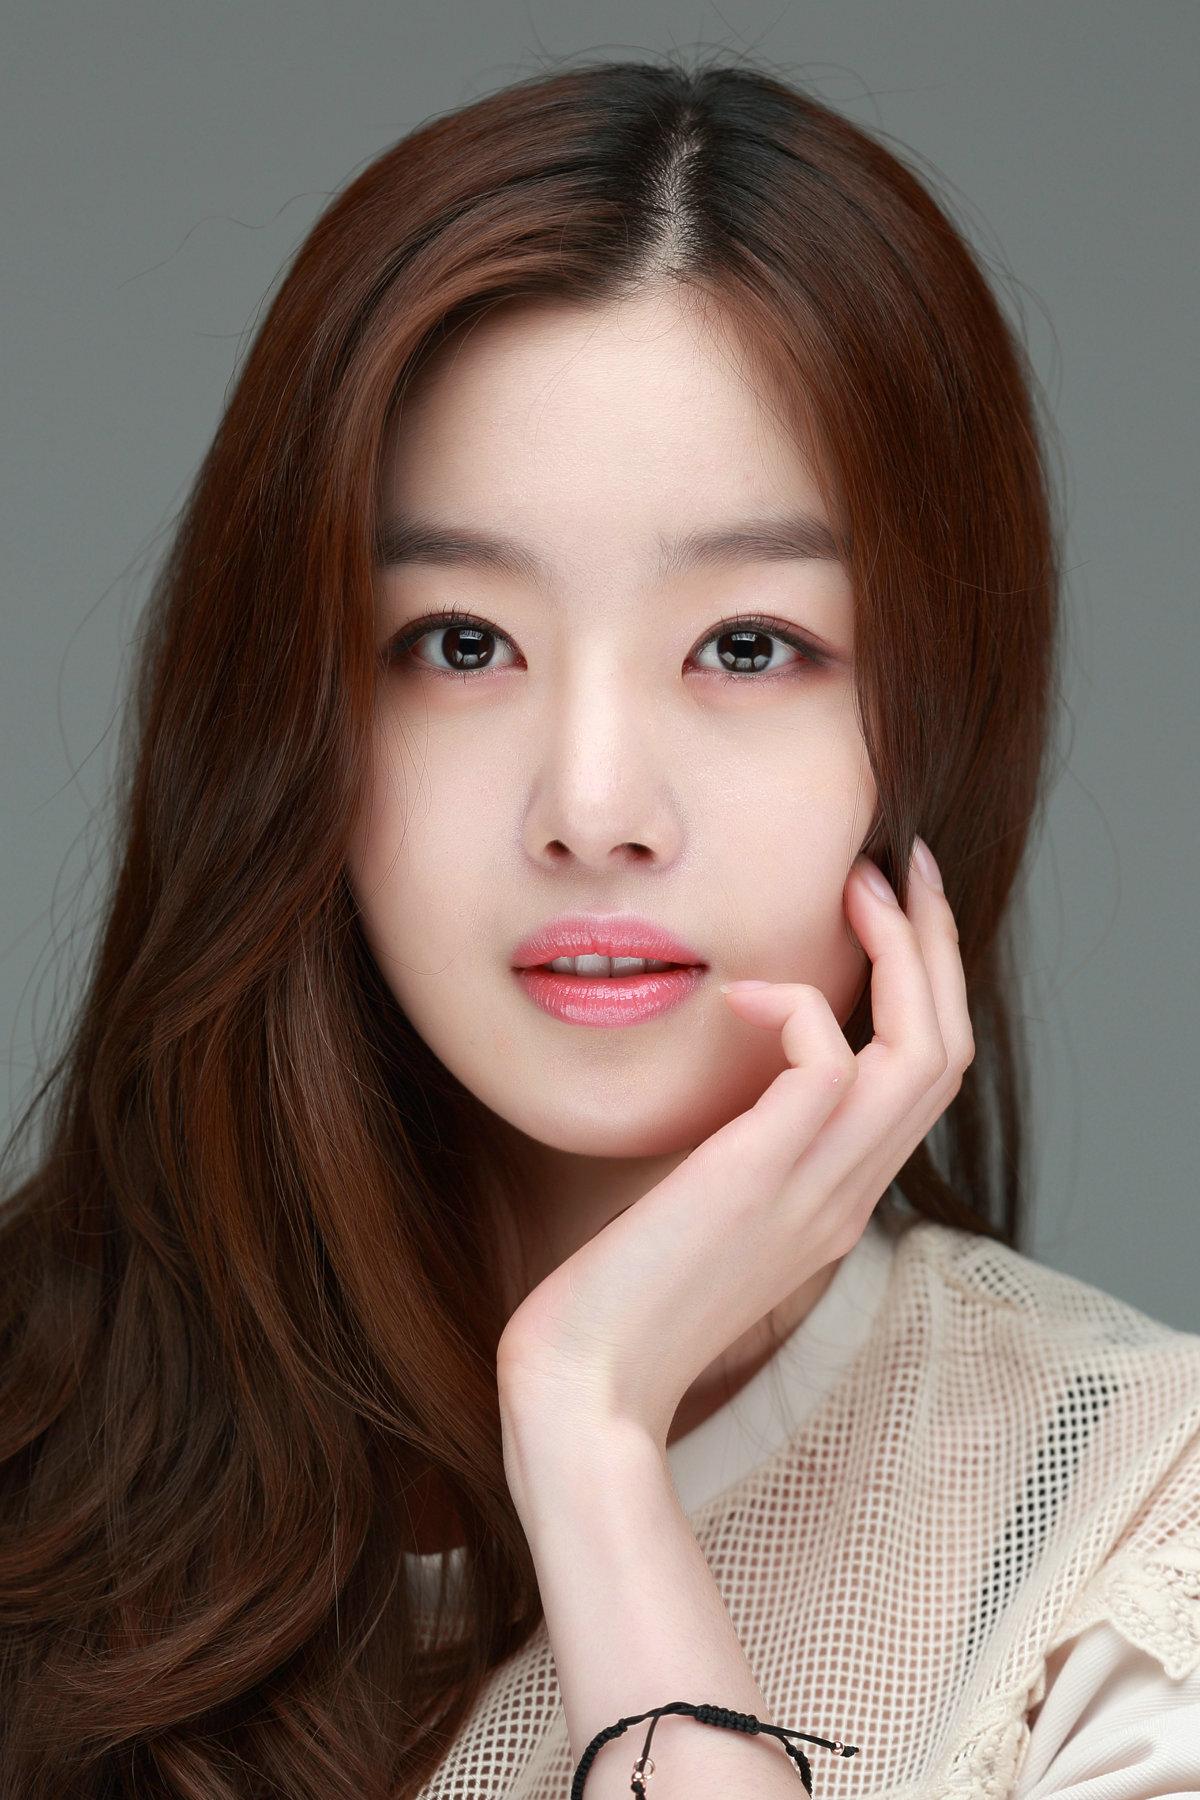 Реальное фото кореянки 15 фотография